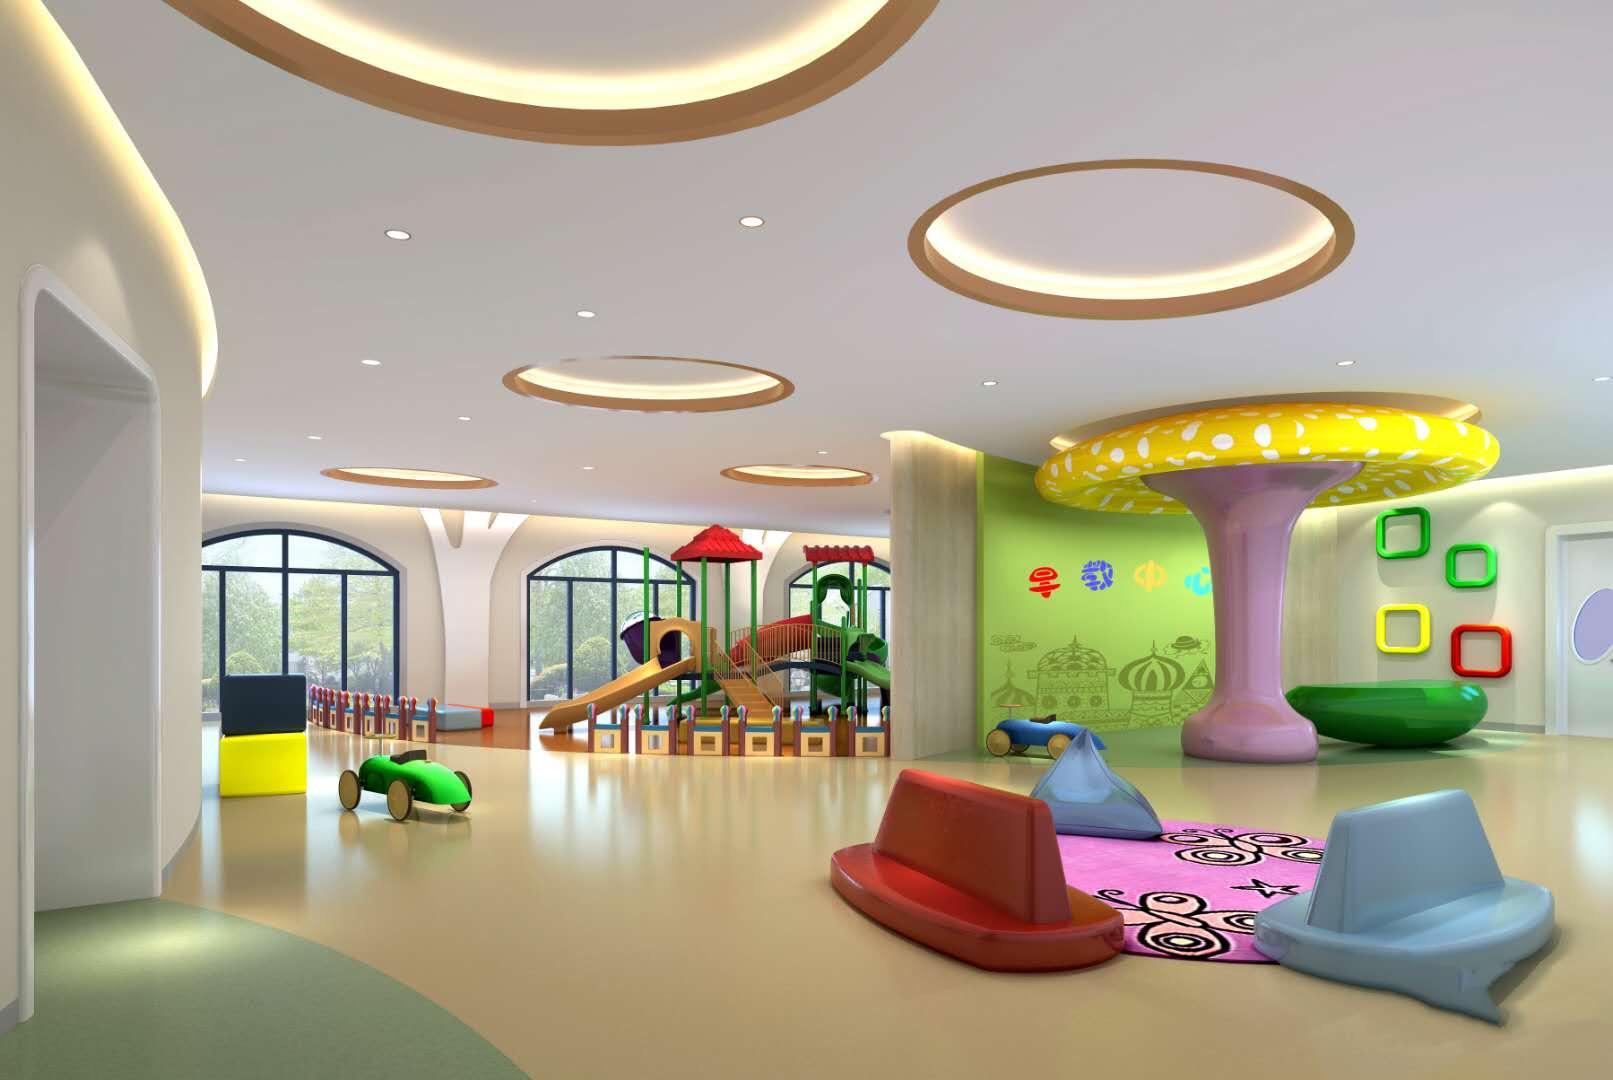 多层复合地板批发_强化复合地板相关-成都禾顺科技有限公司